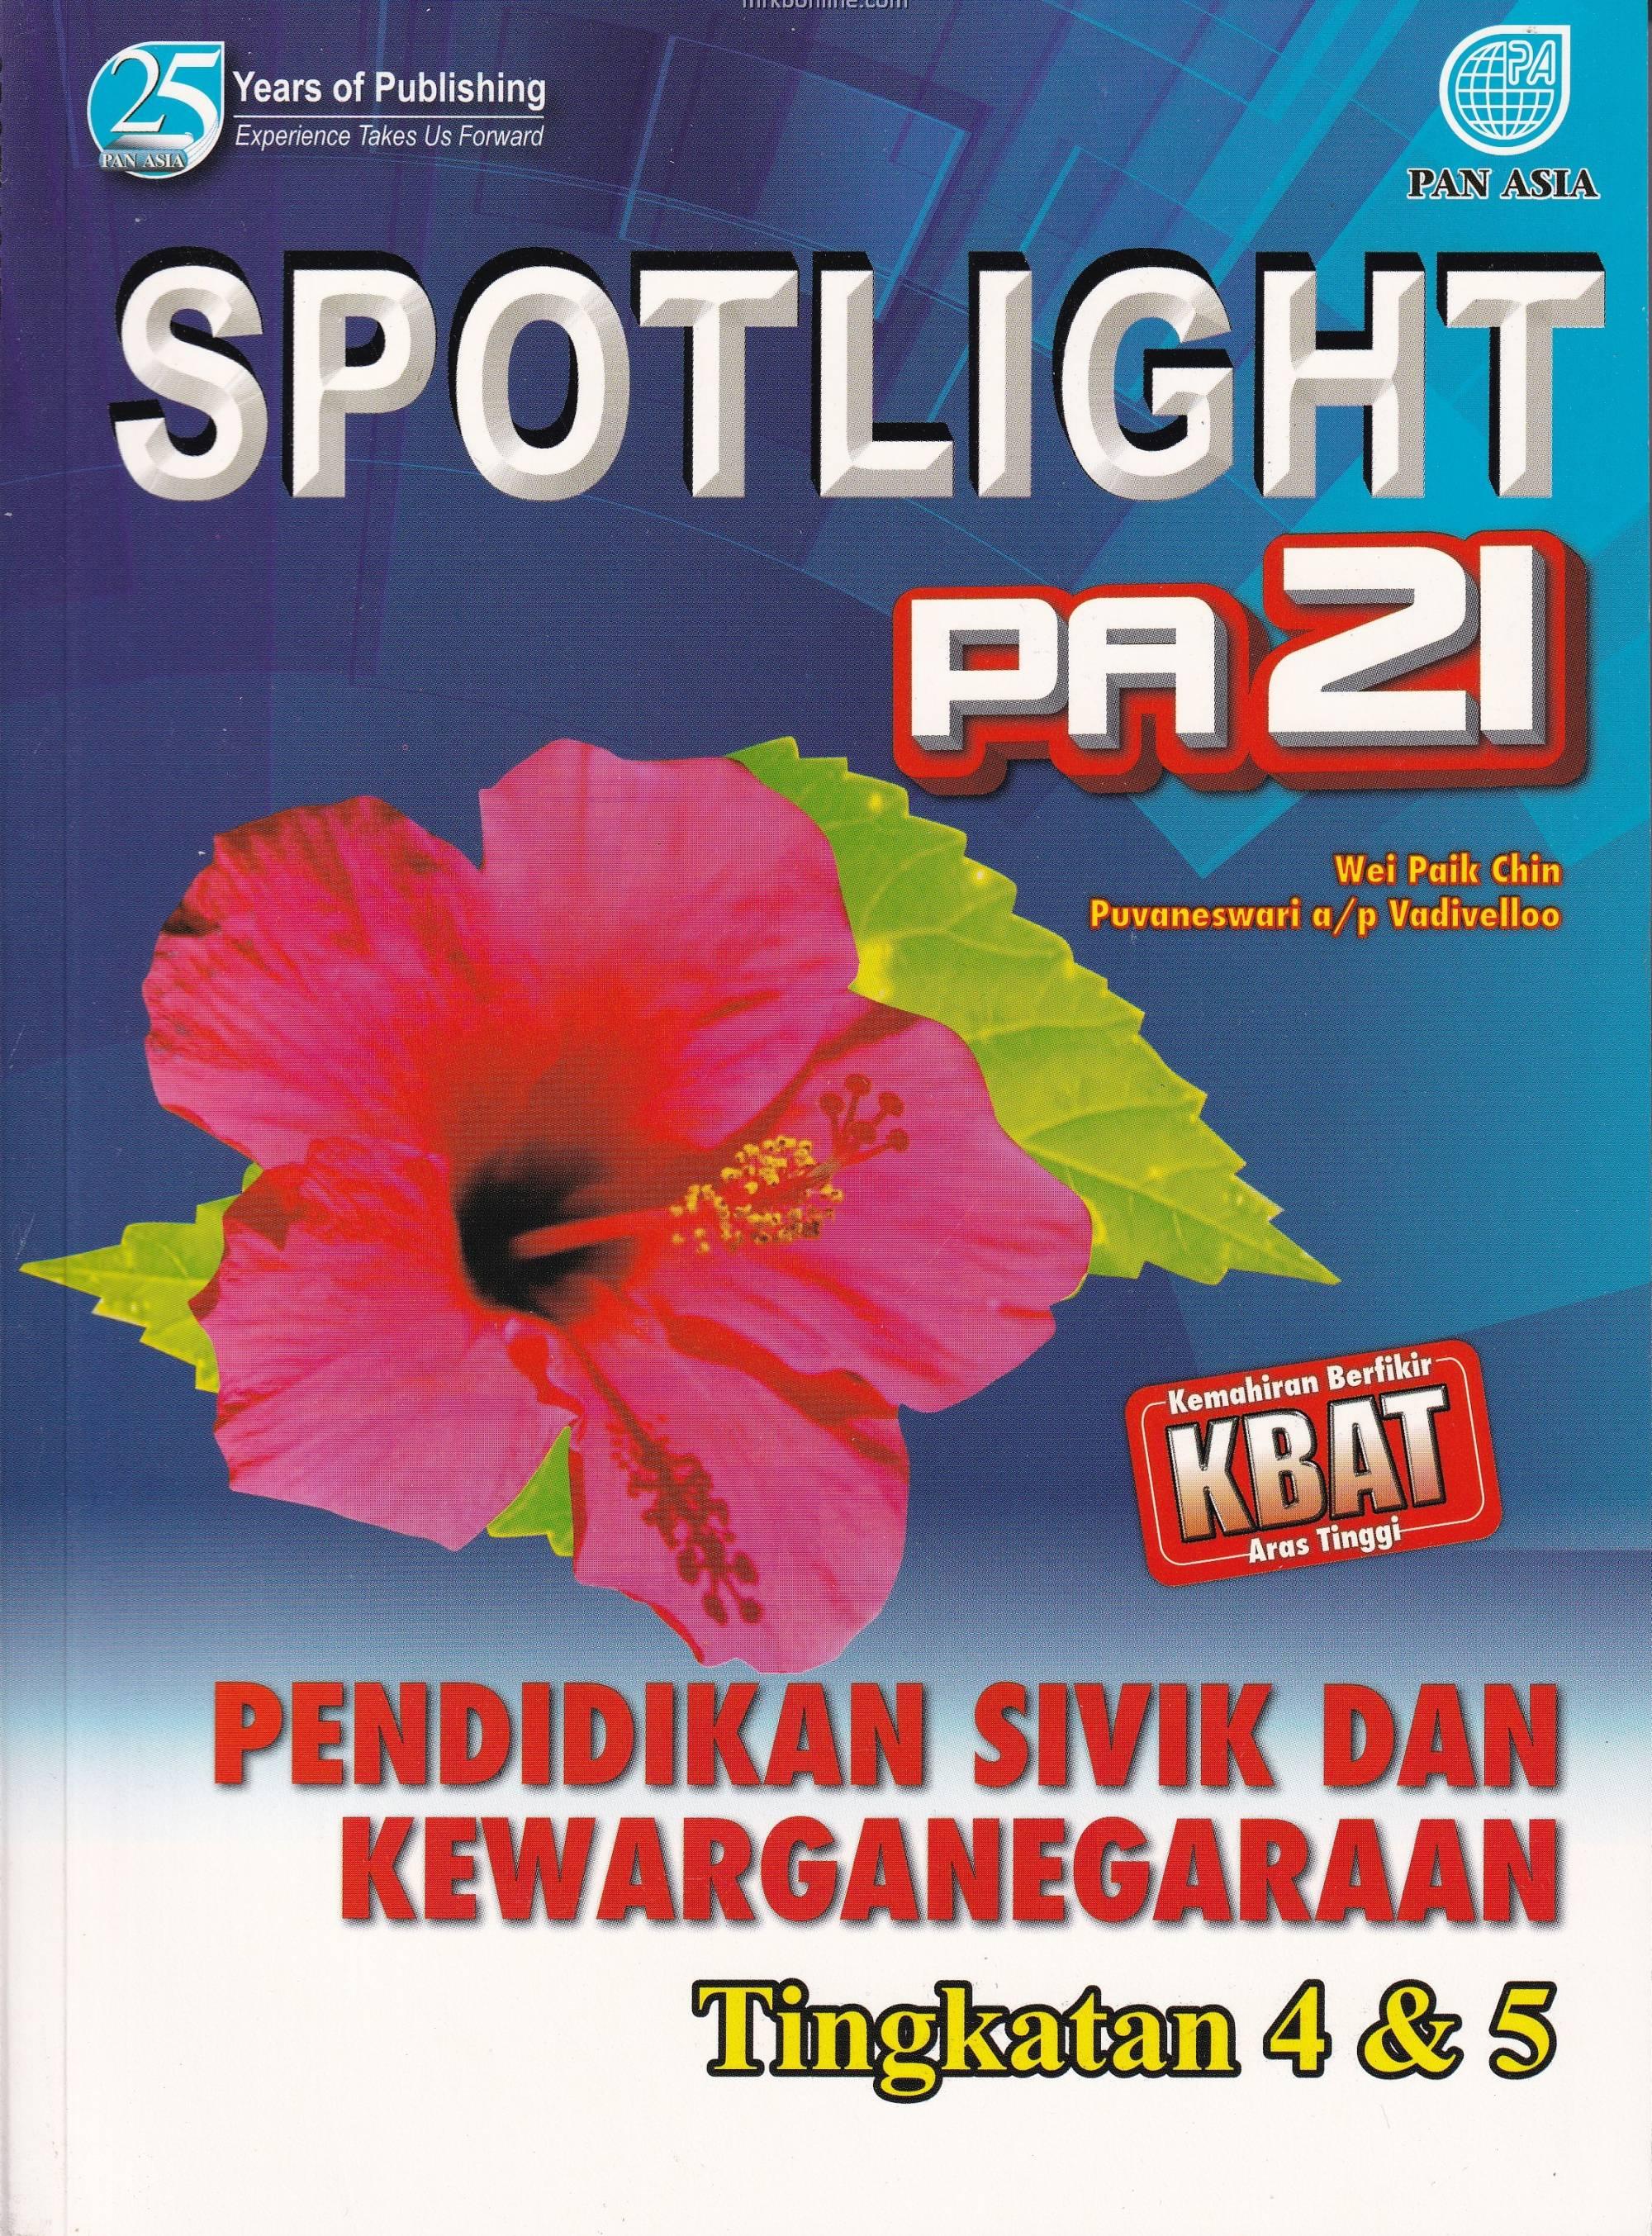 Spotlight Pa 21 Pendidikan Sivik Dan Kewarganegaraan Tingkatan 4 5